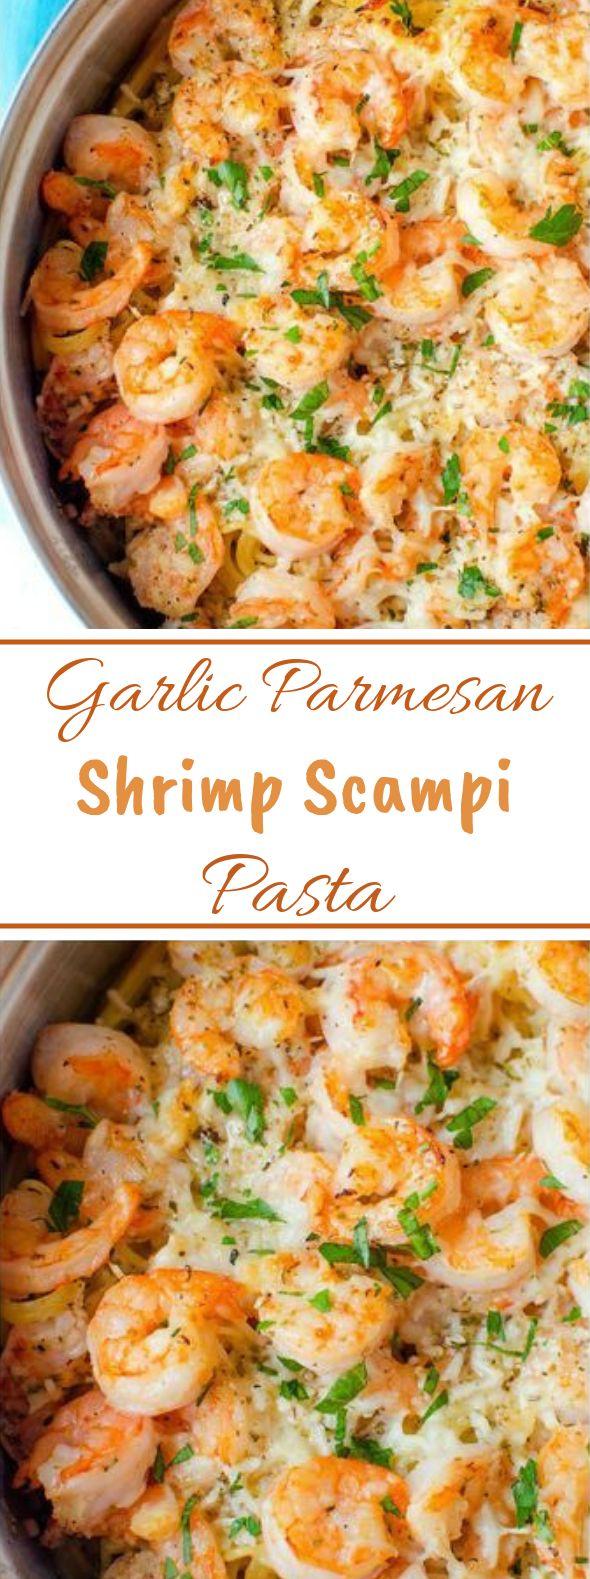 Garlic Parmesan Shrimp Scampi Pasta #quickrecipe #dinner